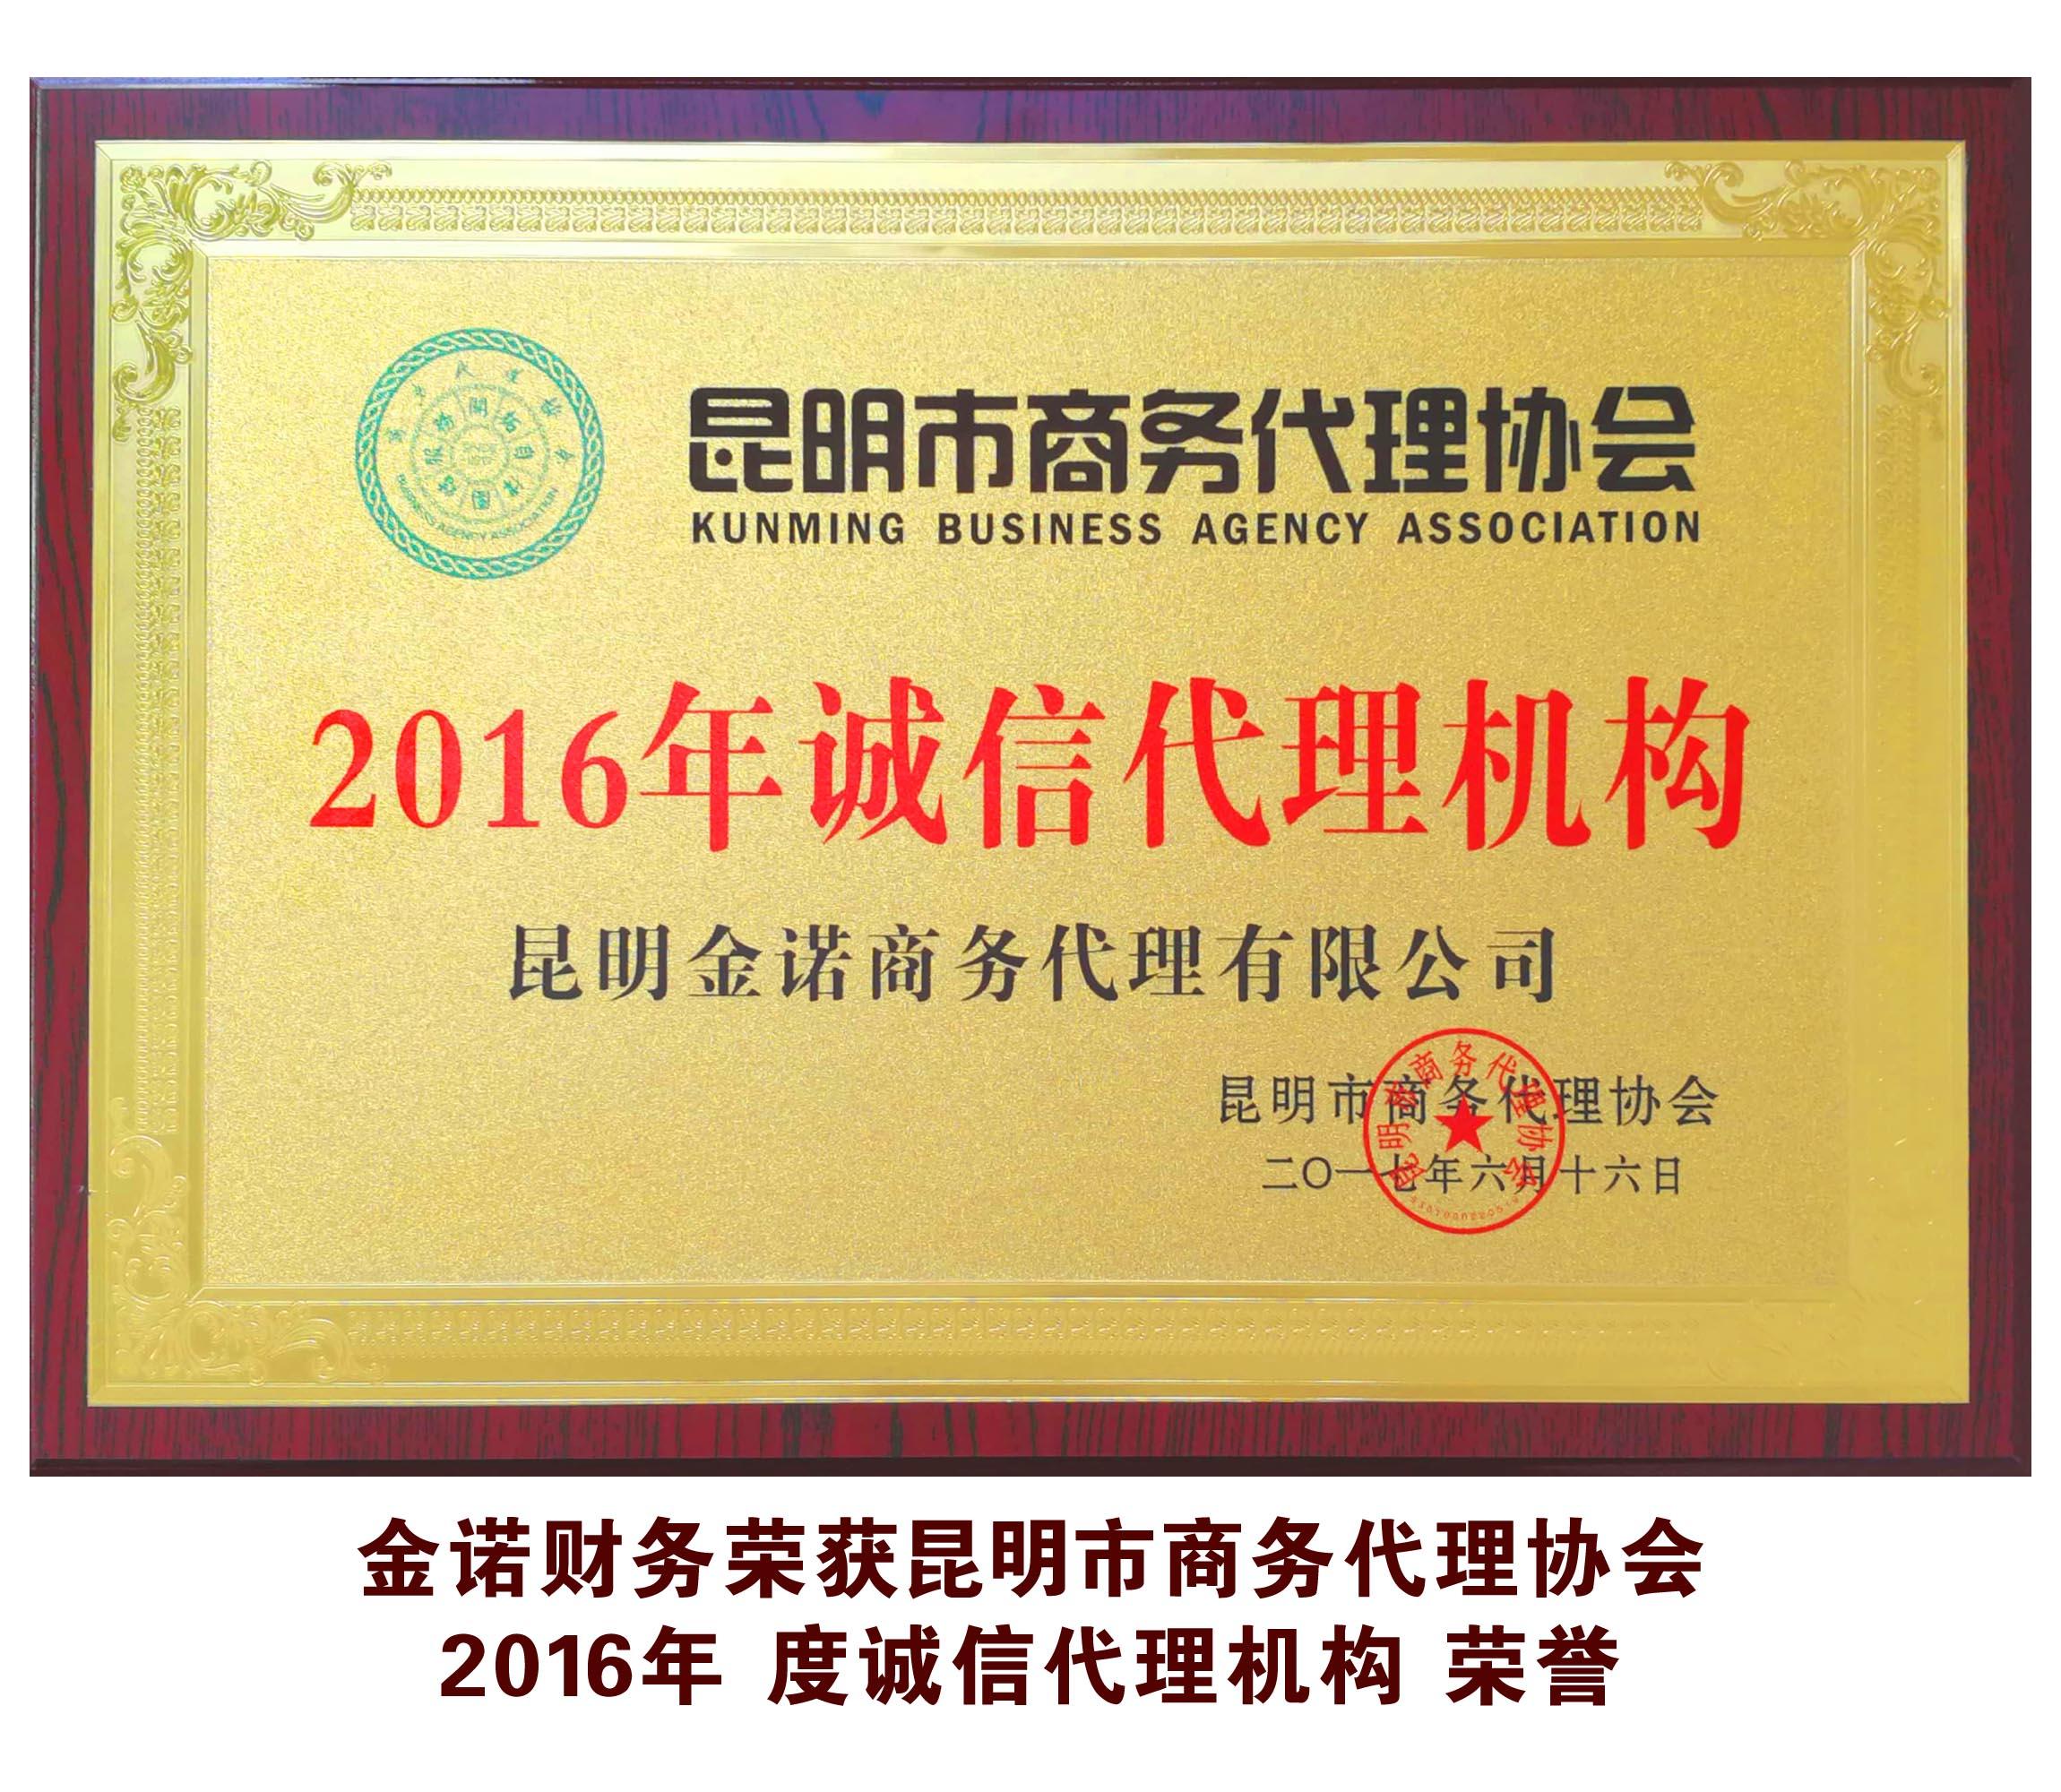 2016年度誠信代理機構